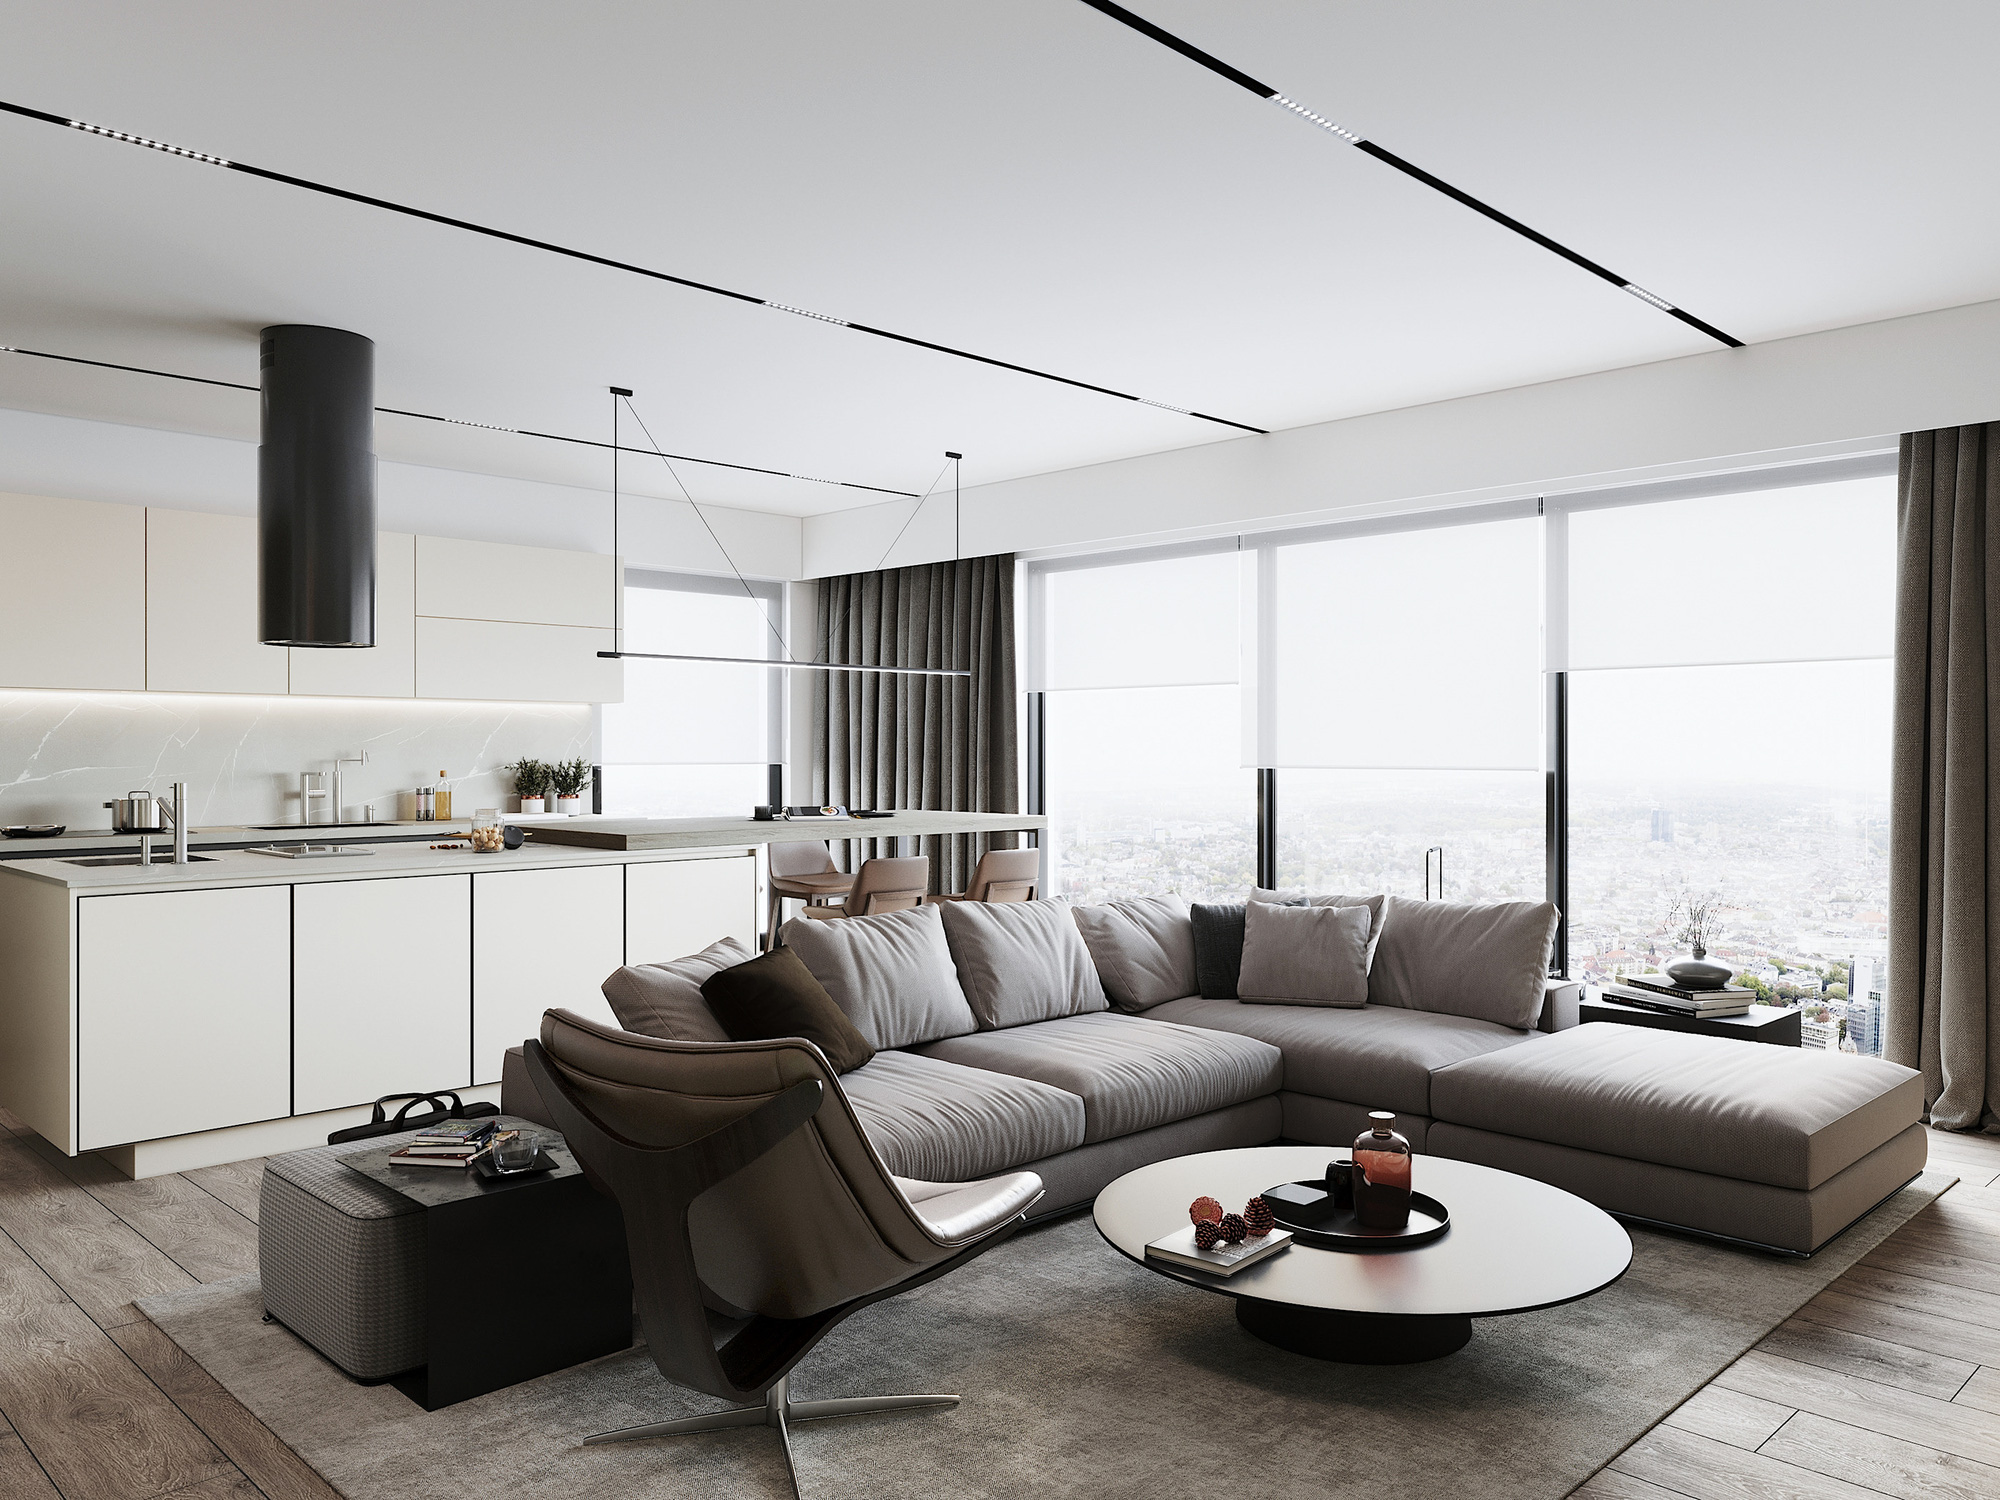 Kiến trúc sư tư vấn thiết kế căn hộ 76m² 2 phòng ngủ với chi phí tiết kiệm chỉ 189 triệu - Ảnh 5.